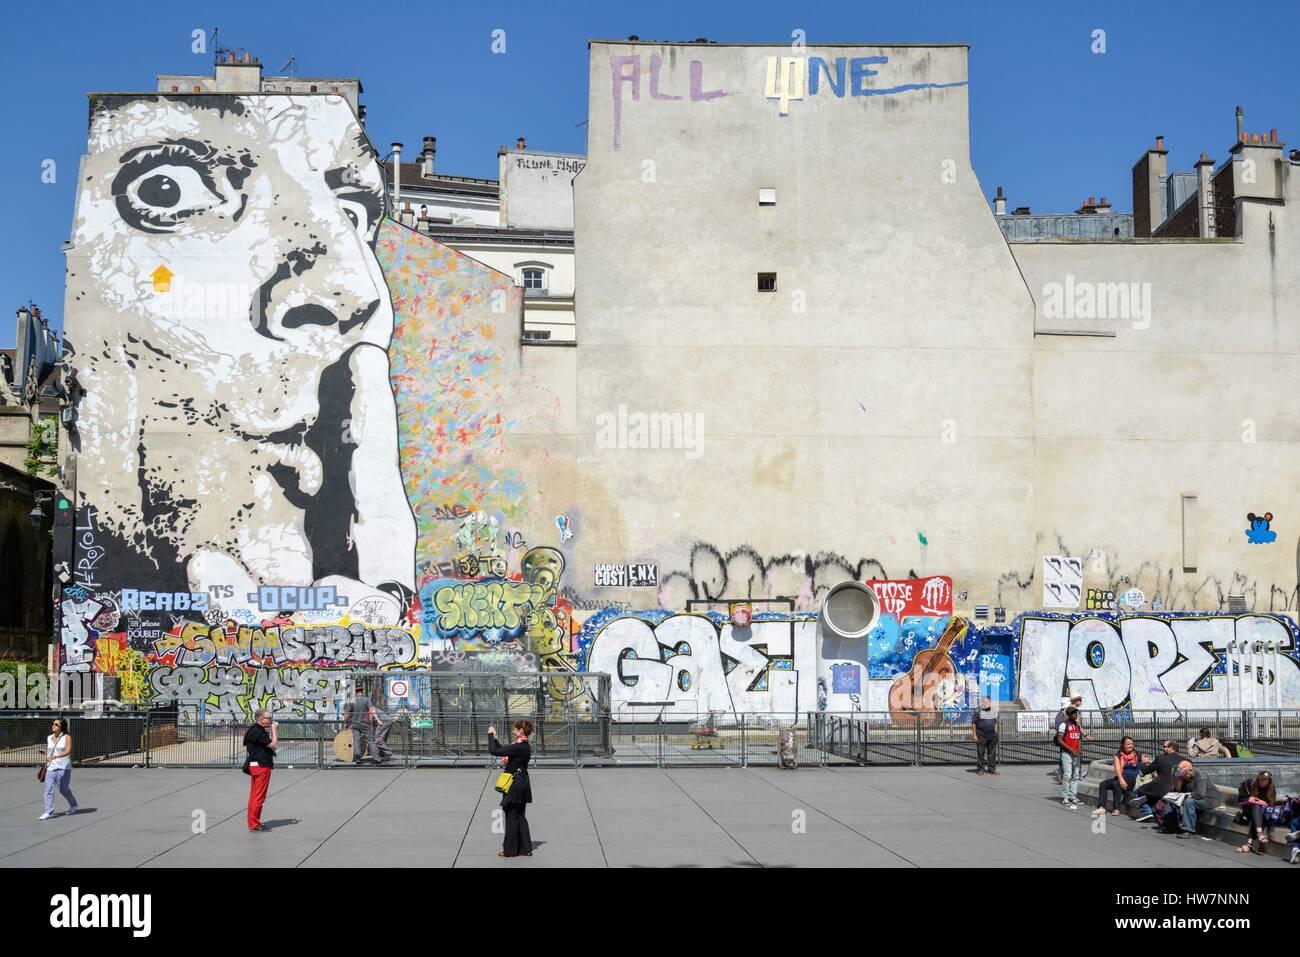 France, Paris, place Igor Stravinsky, aller et venir de marcheurs devant un mur peint avec une fresque de Jef Aerosol Photo Stock